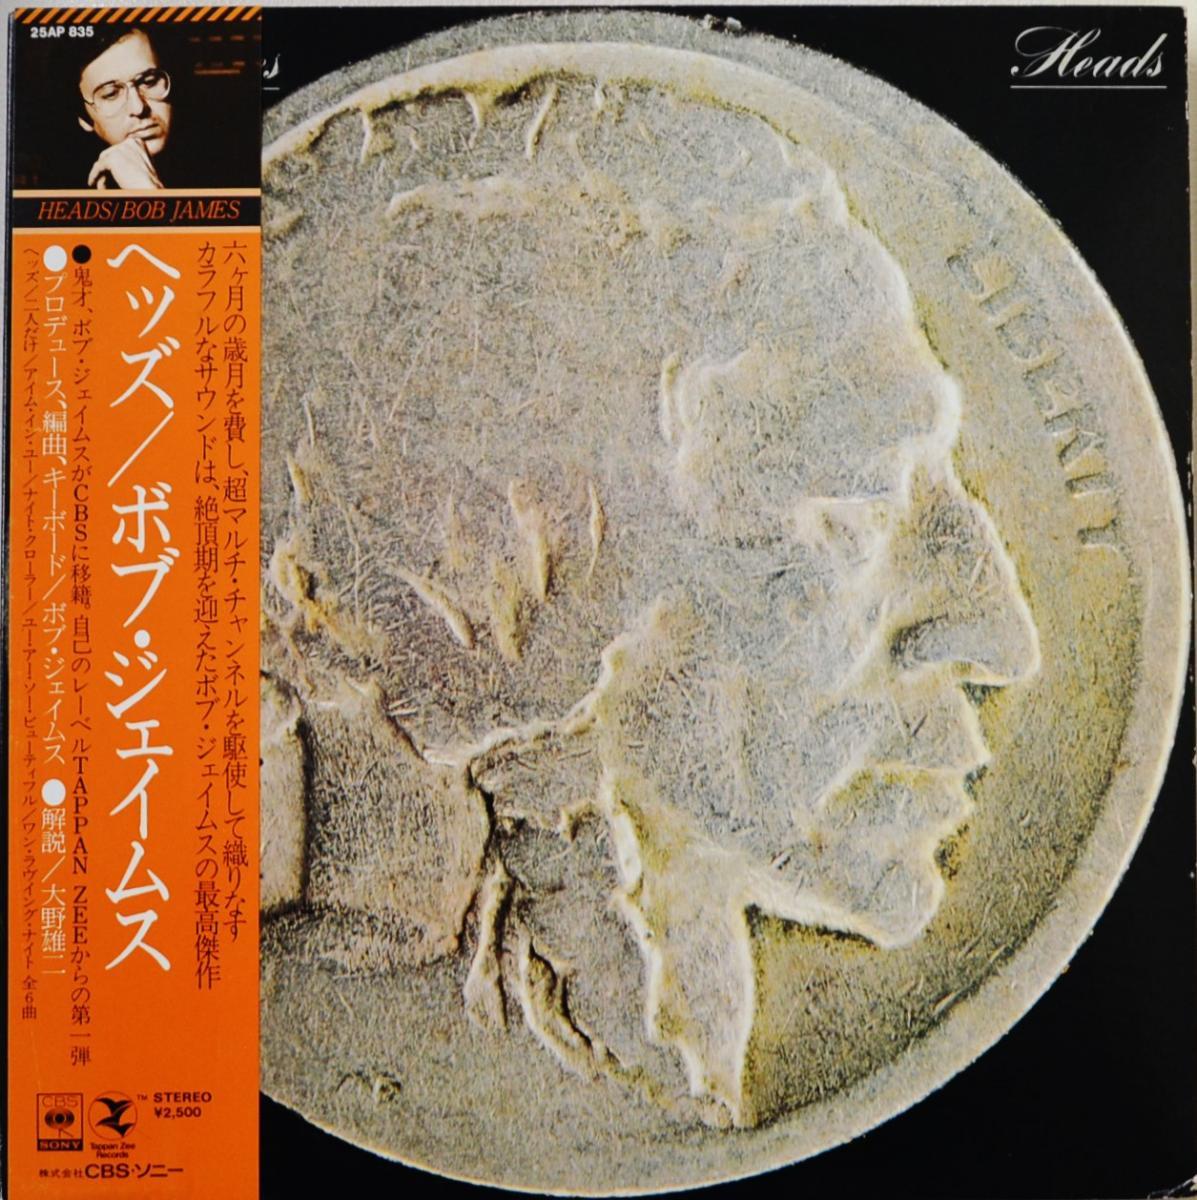 ボブ・ジェームス BOB JAMES / ヘッズ HEADS (LP)